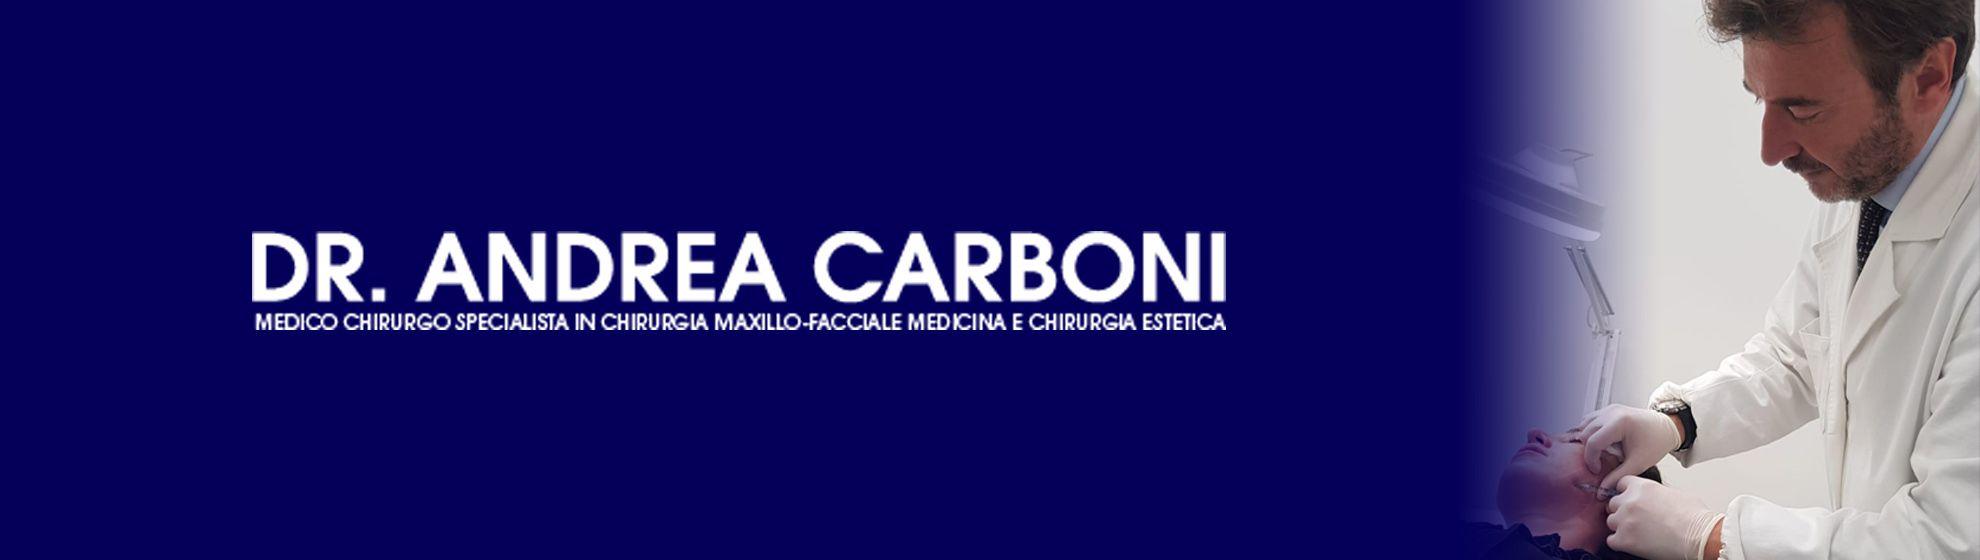 Dr Andrea Carboni